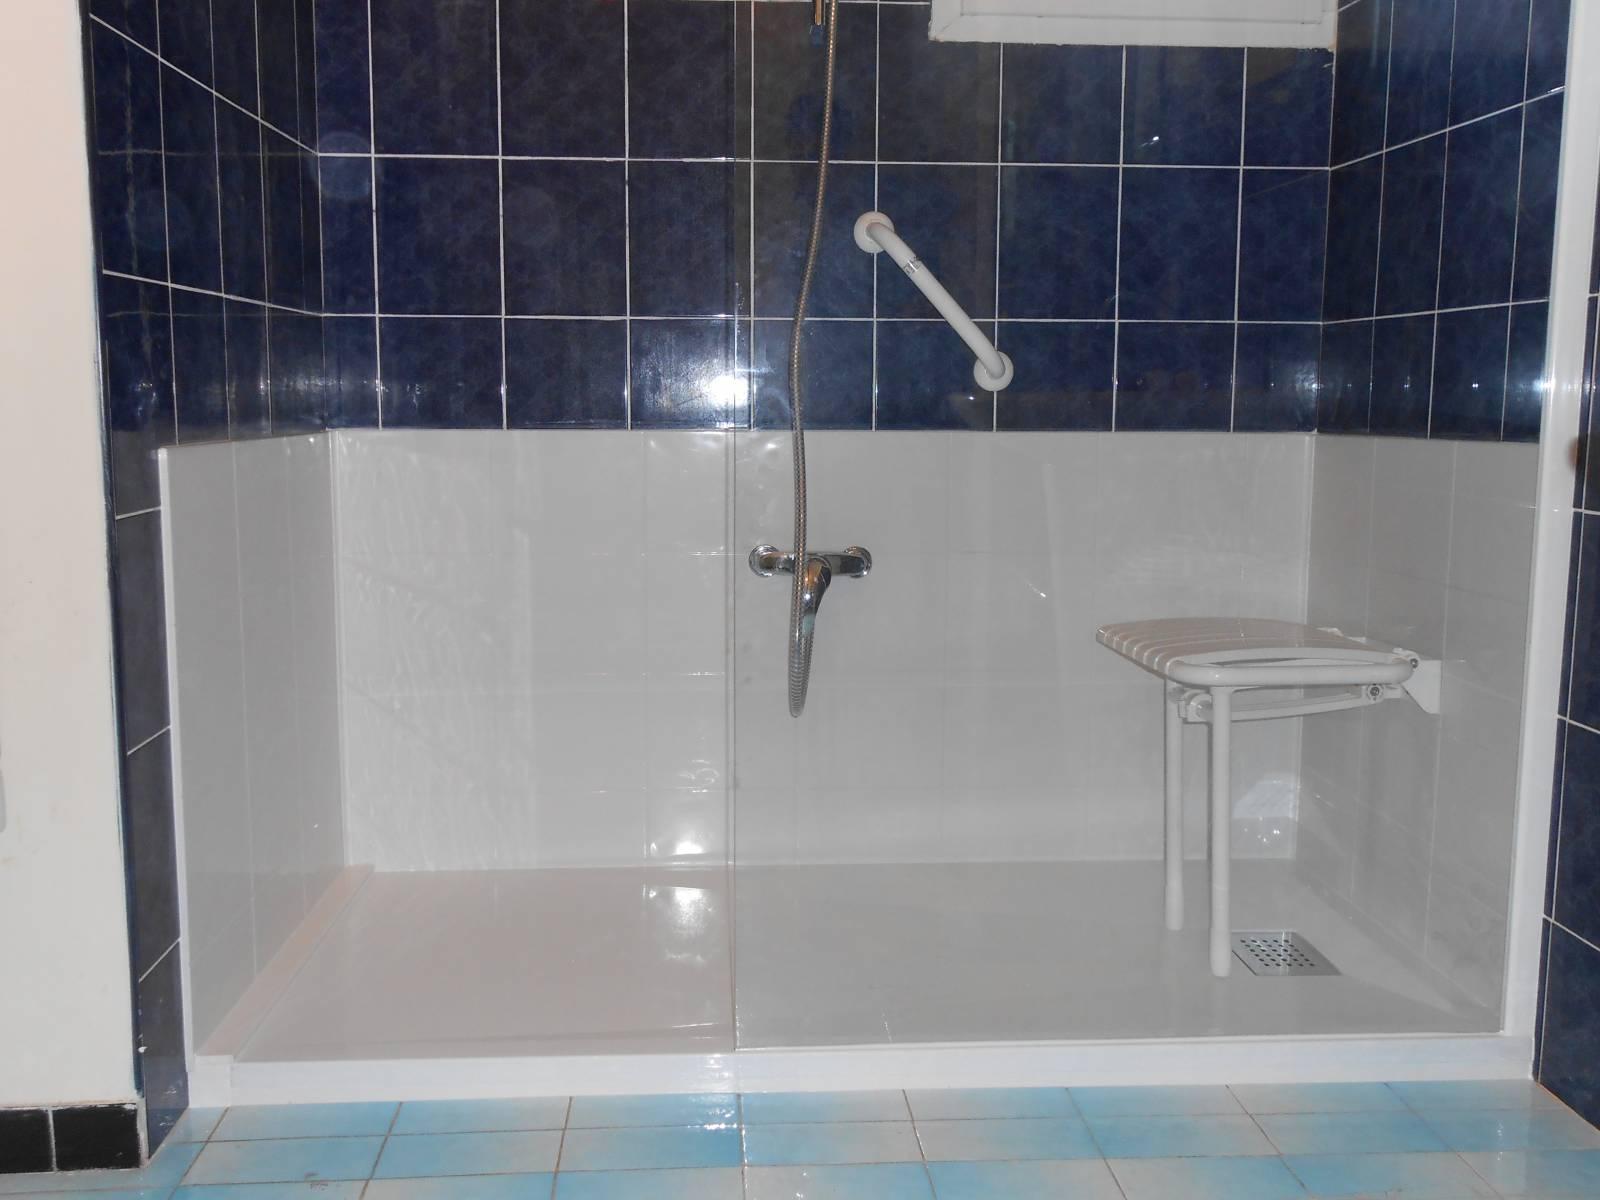 Installation douche sénior securisée à Meaux en Seine et Marne (19